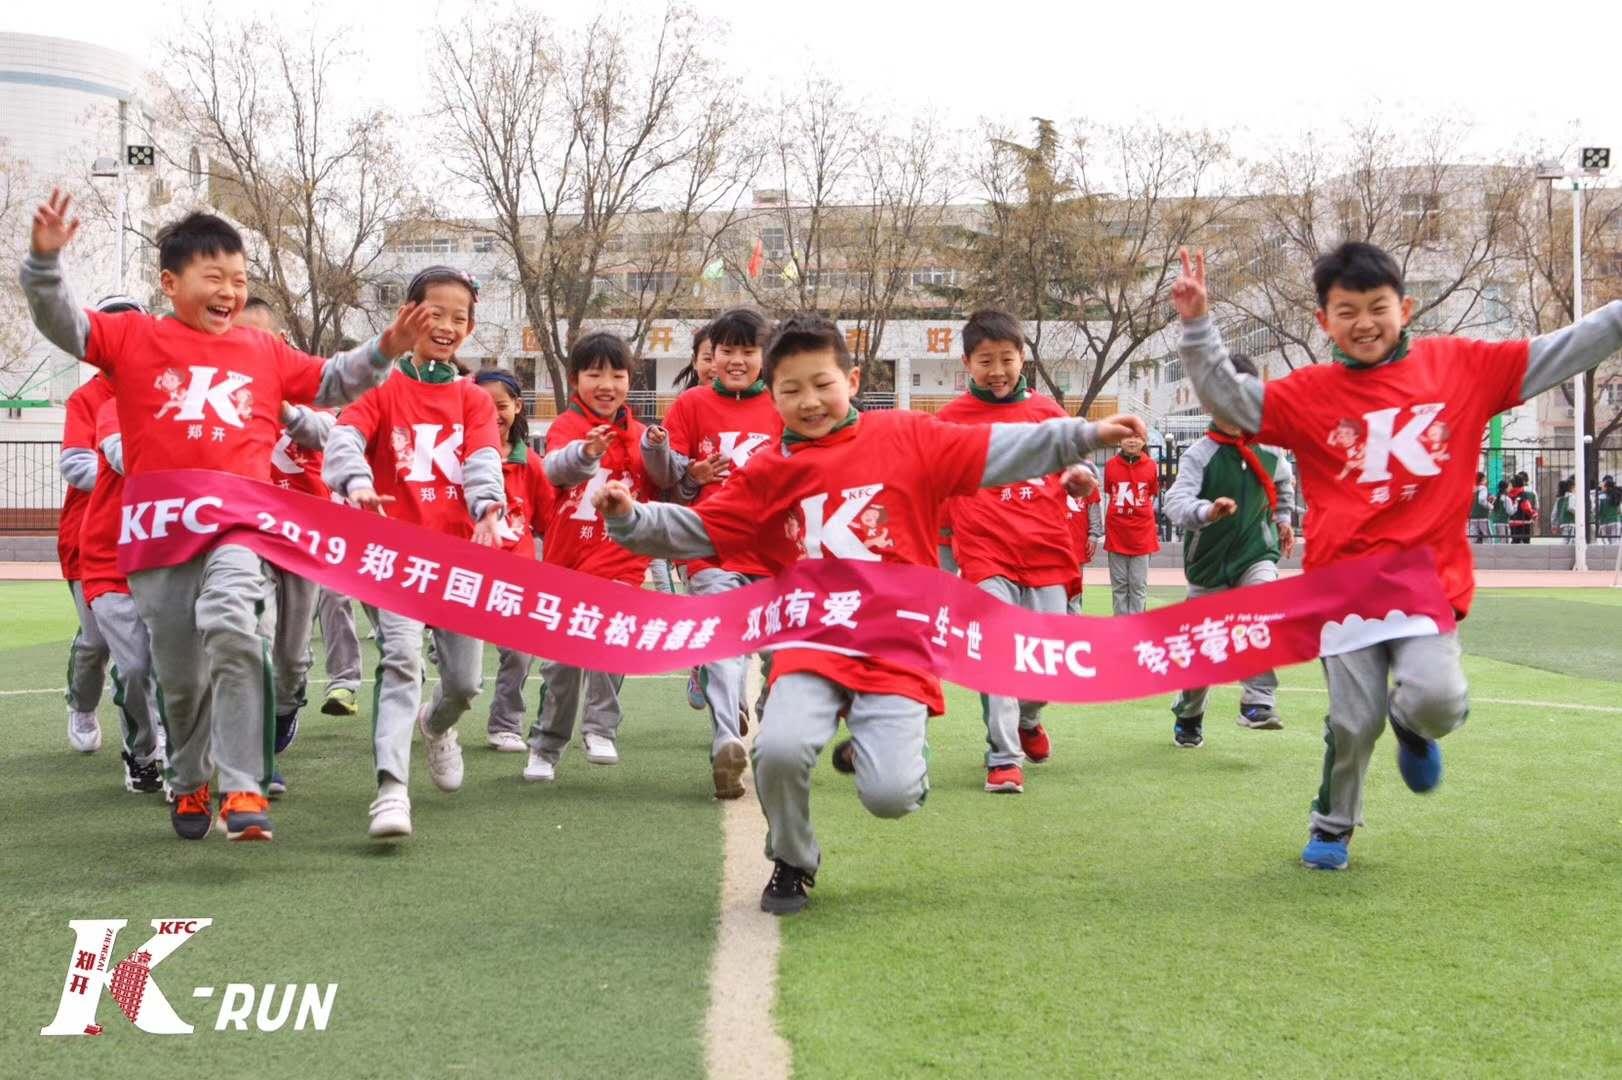 一场42.195公里的趣味春意, 肯德基携手郑开国际马拉松牵手童跑